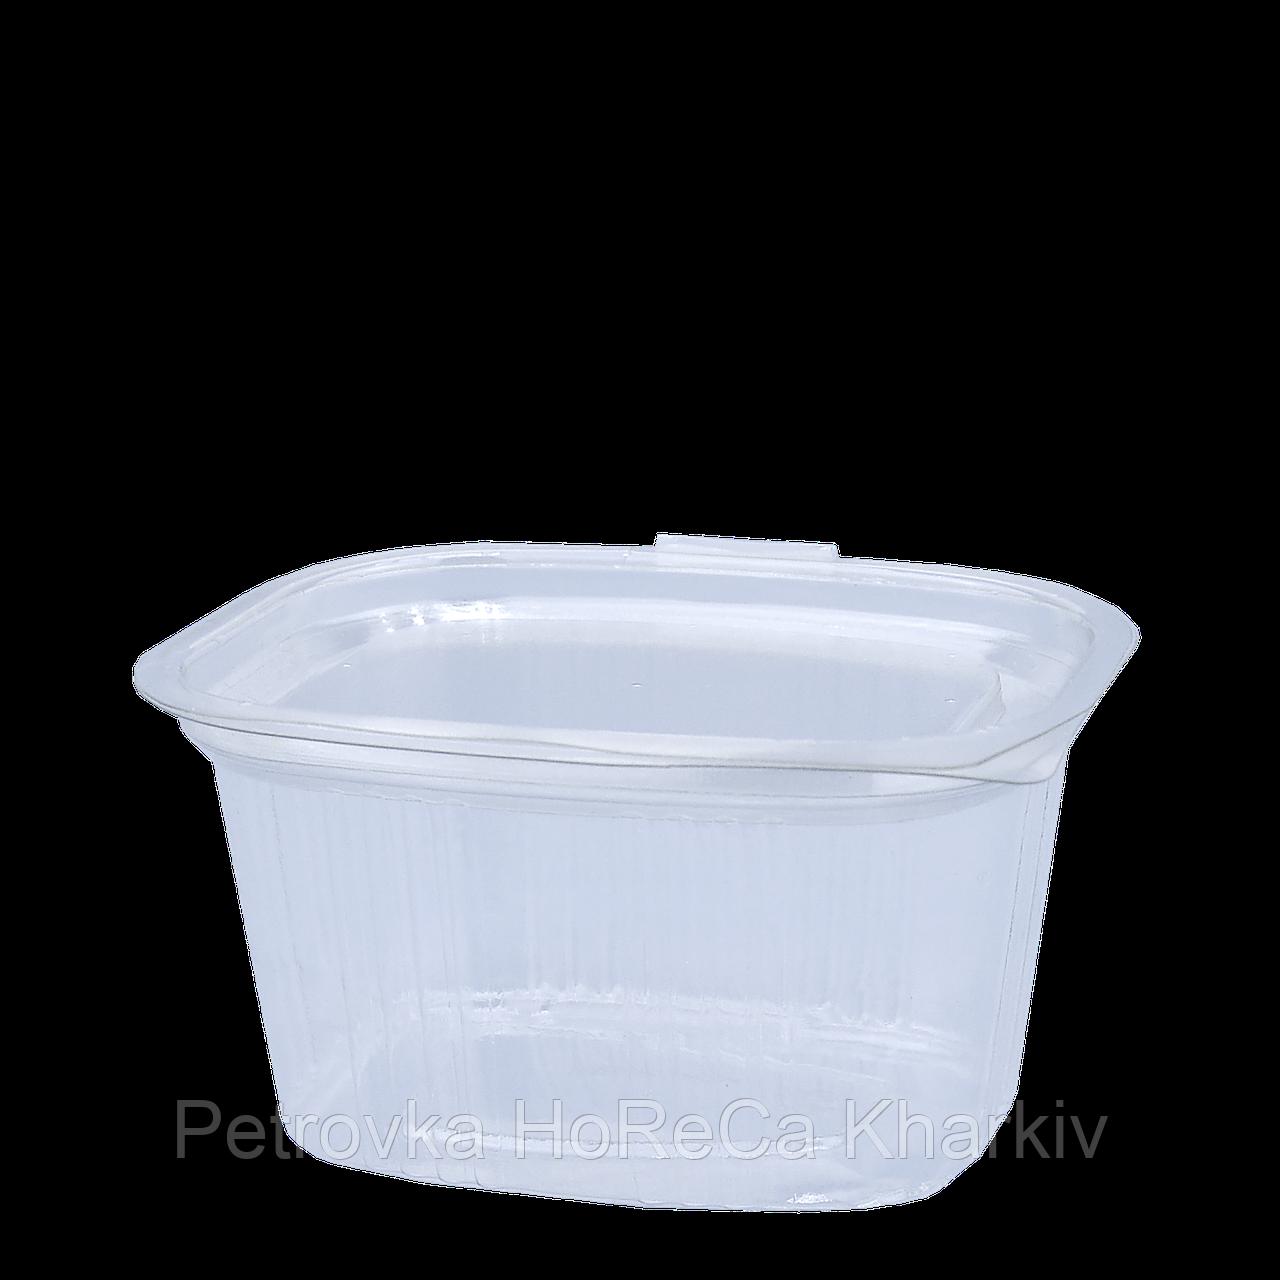 Соусница пластиковая FT209-80 80мл с откидной крышкой (уп/100шт)